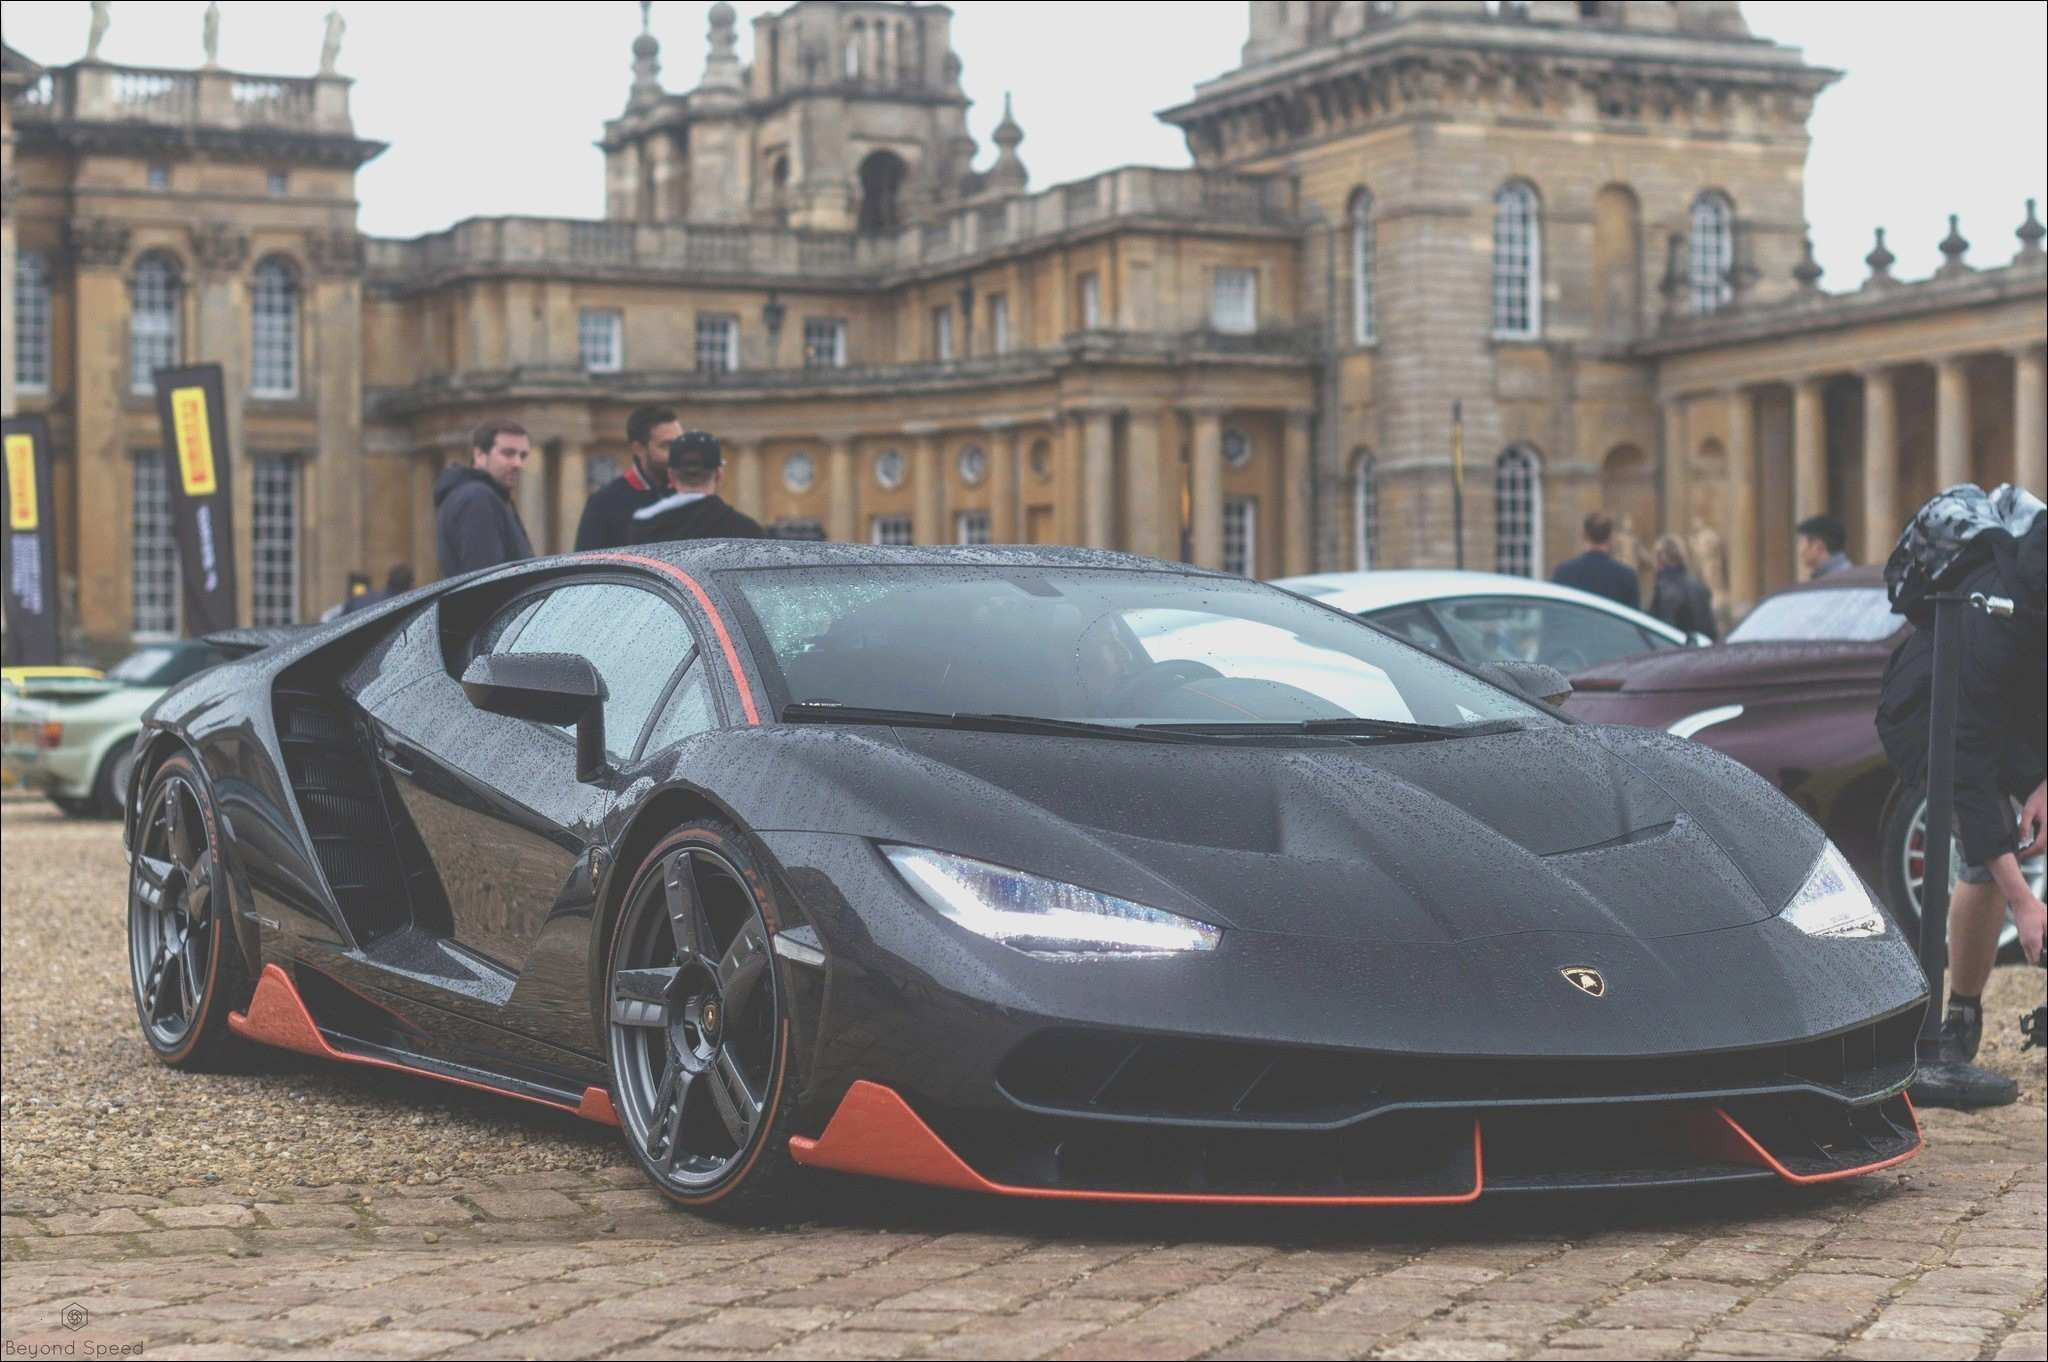 Lamborghini Zum Ausmalen Inspirierend Lamborghini Zum Ausmalen Ausmalbild Porsche 918 Spyder Fotografieren